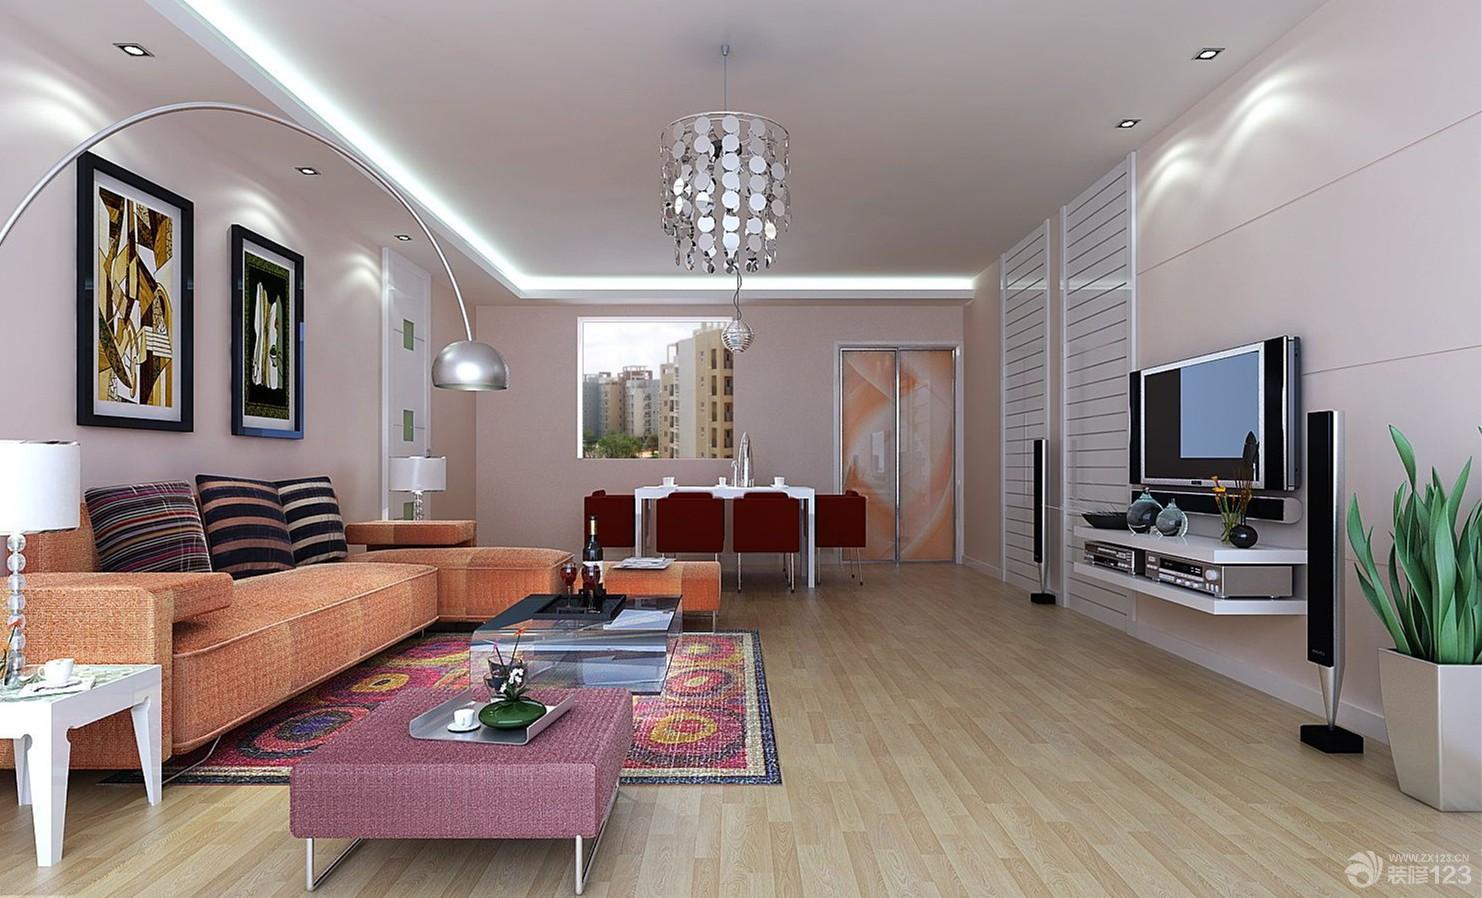 16地中海风格设计室内时尚钢琴装修图片